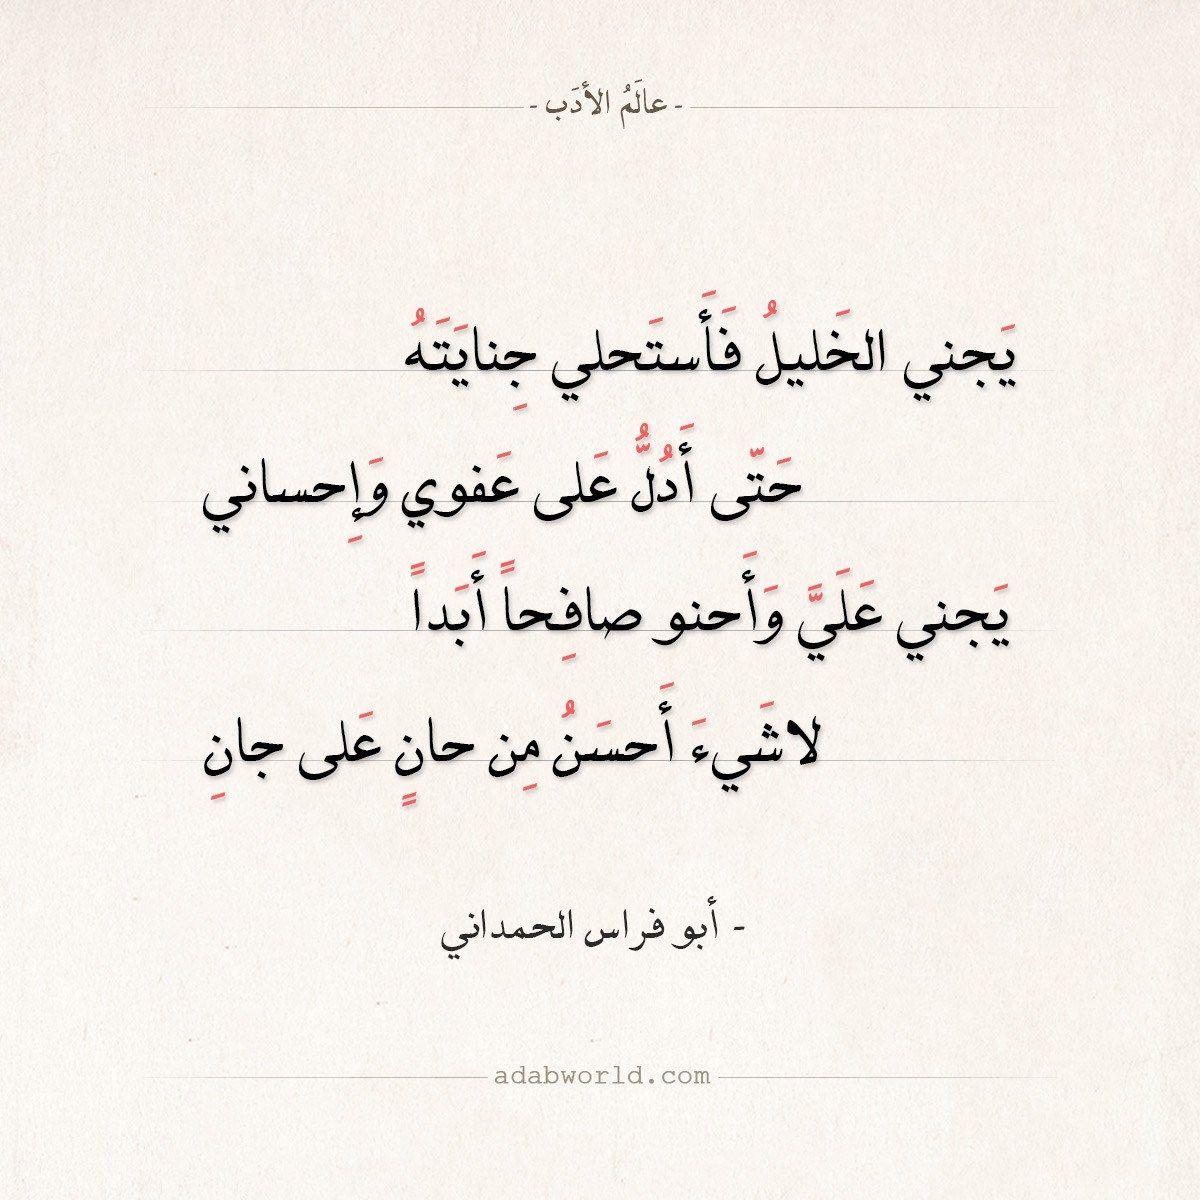 شعر أبو فراس الحمداني يجني الخليل فأستحلي جنايته عالم الأدب Beautiful Arabic Words Sufi Quotes Words Quotes